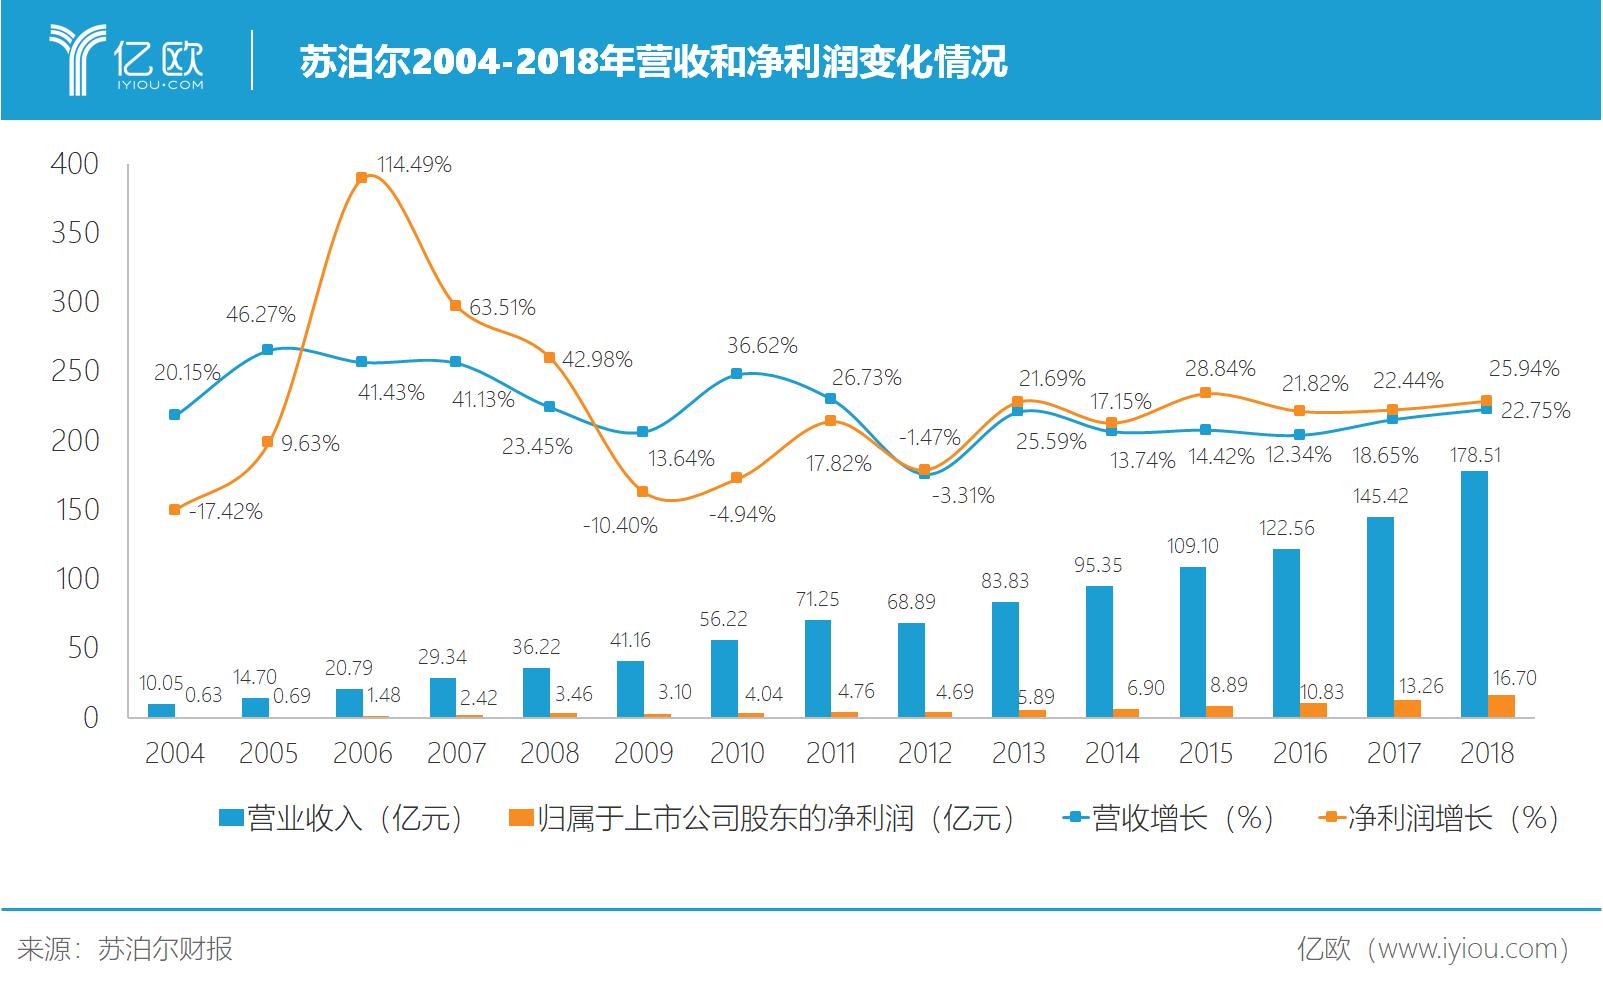 苏泊尔2010-2018年营收与净利润变化情况1.png